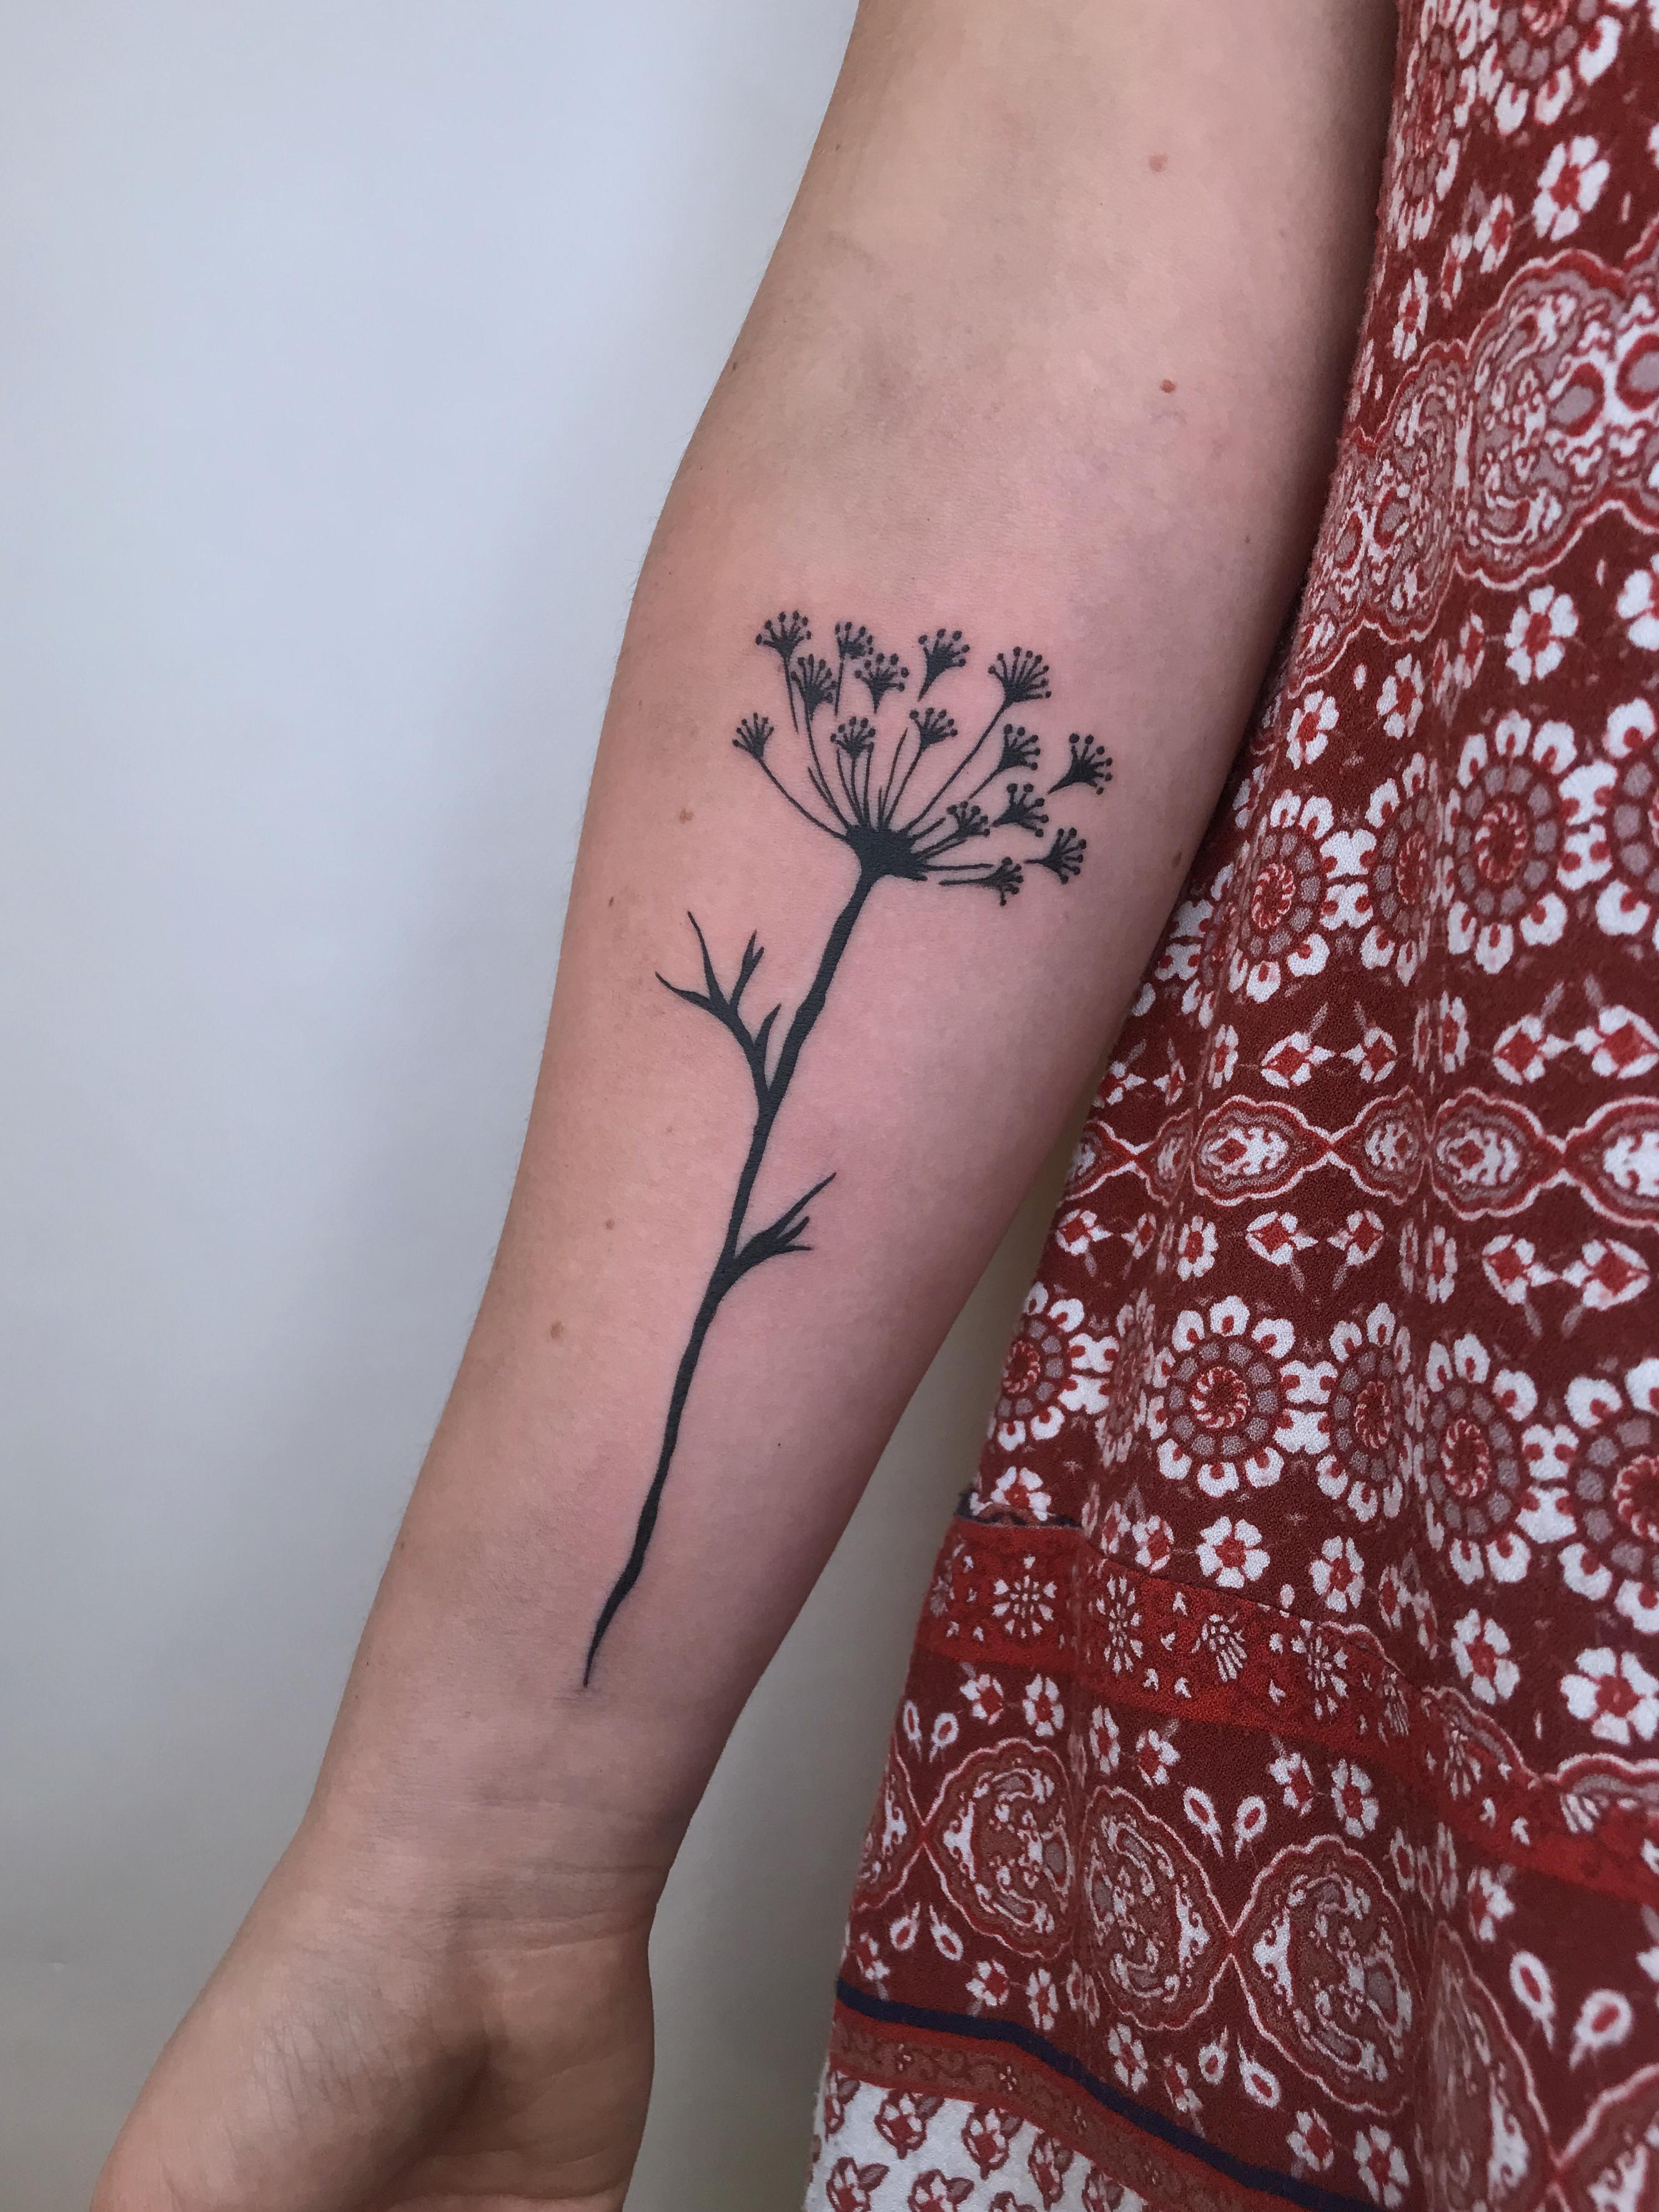 Inksearch tattoo kalinowska.tattoo